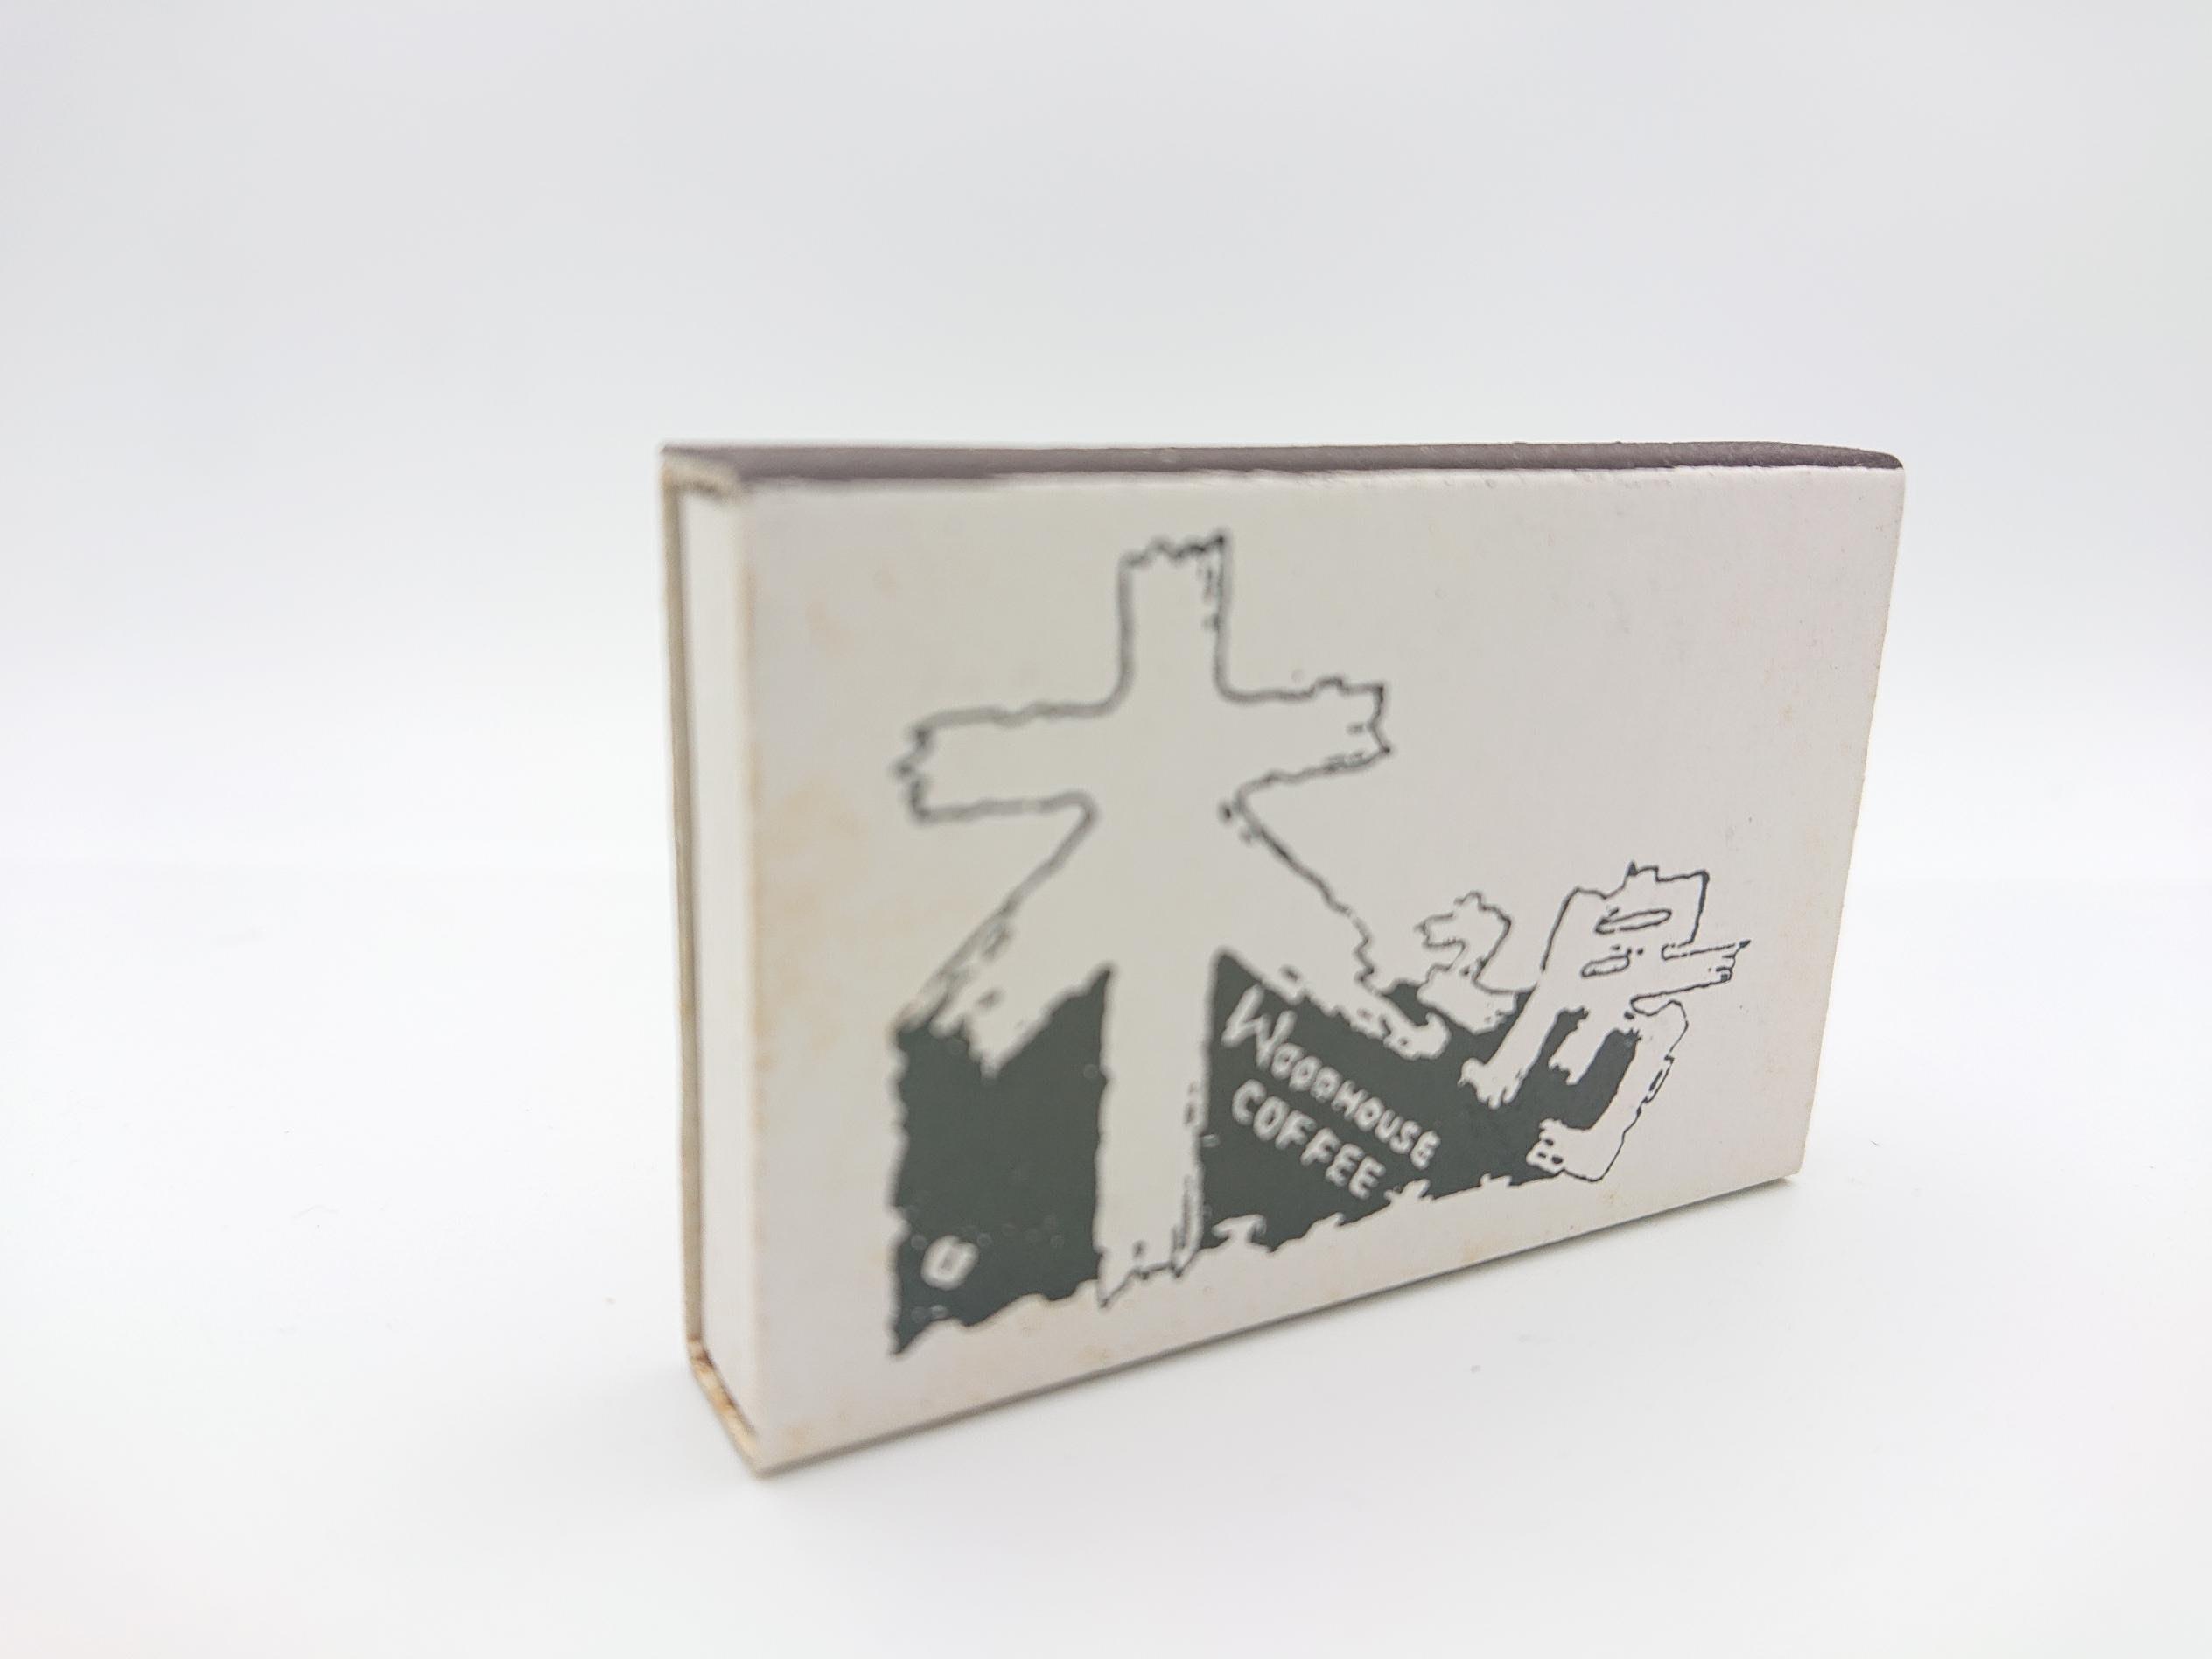 木之房紀念火柴5盒保存良好